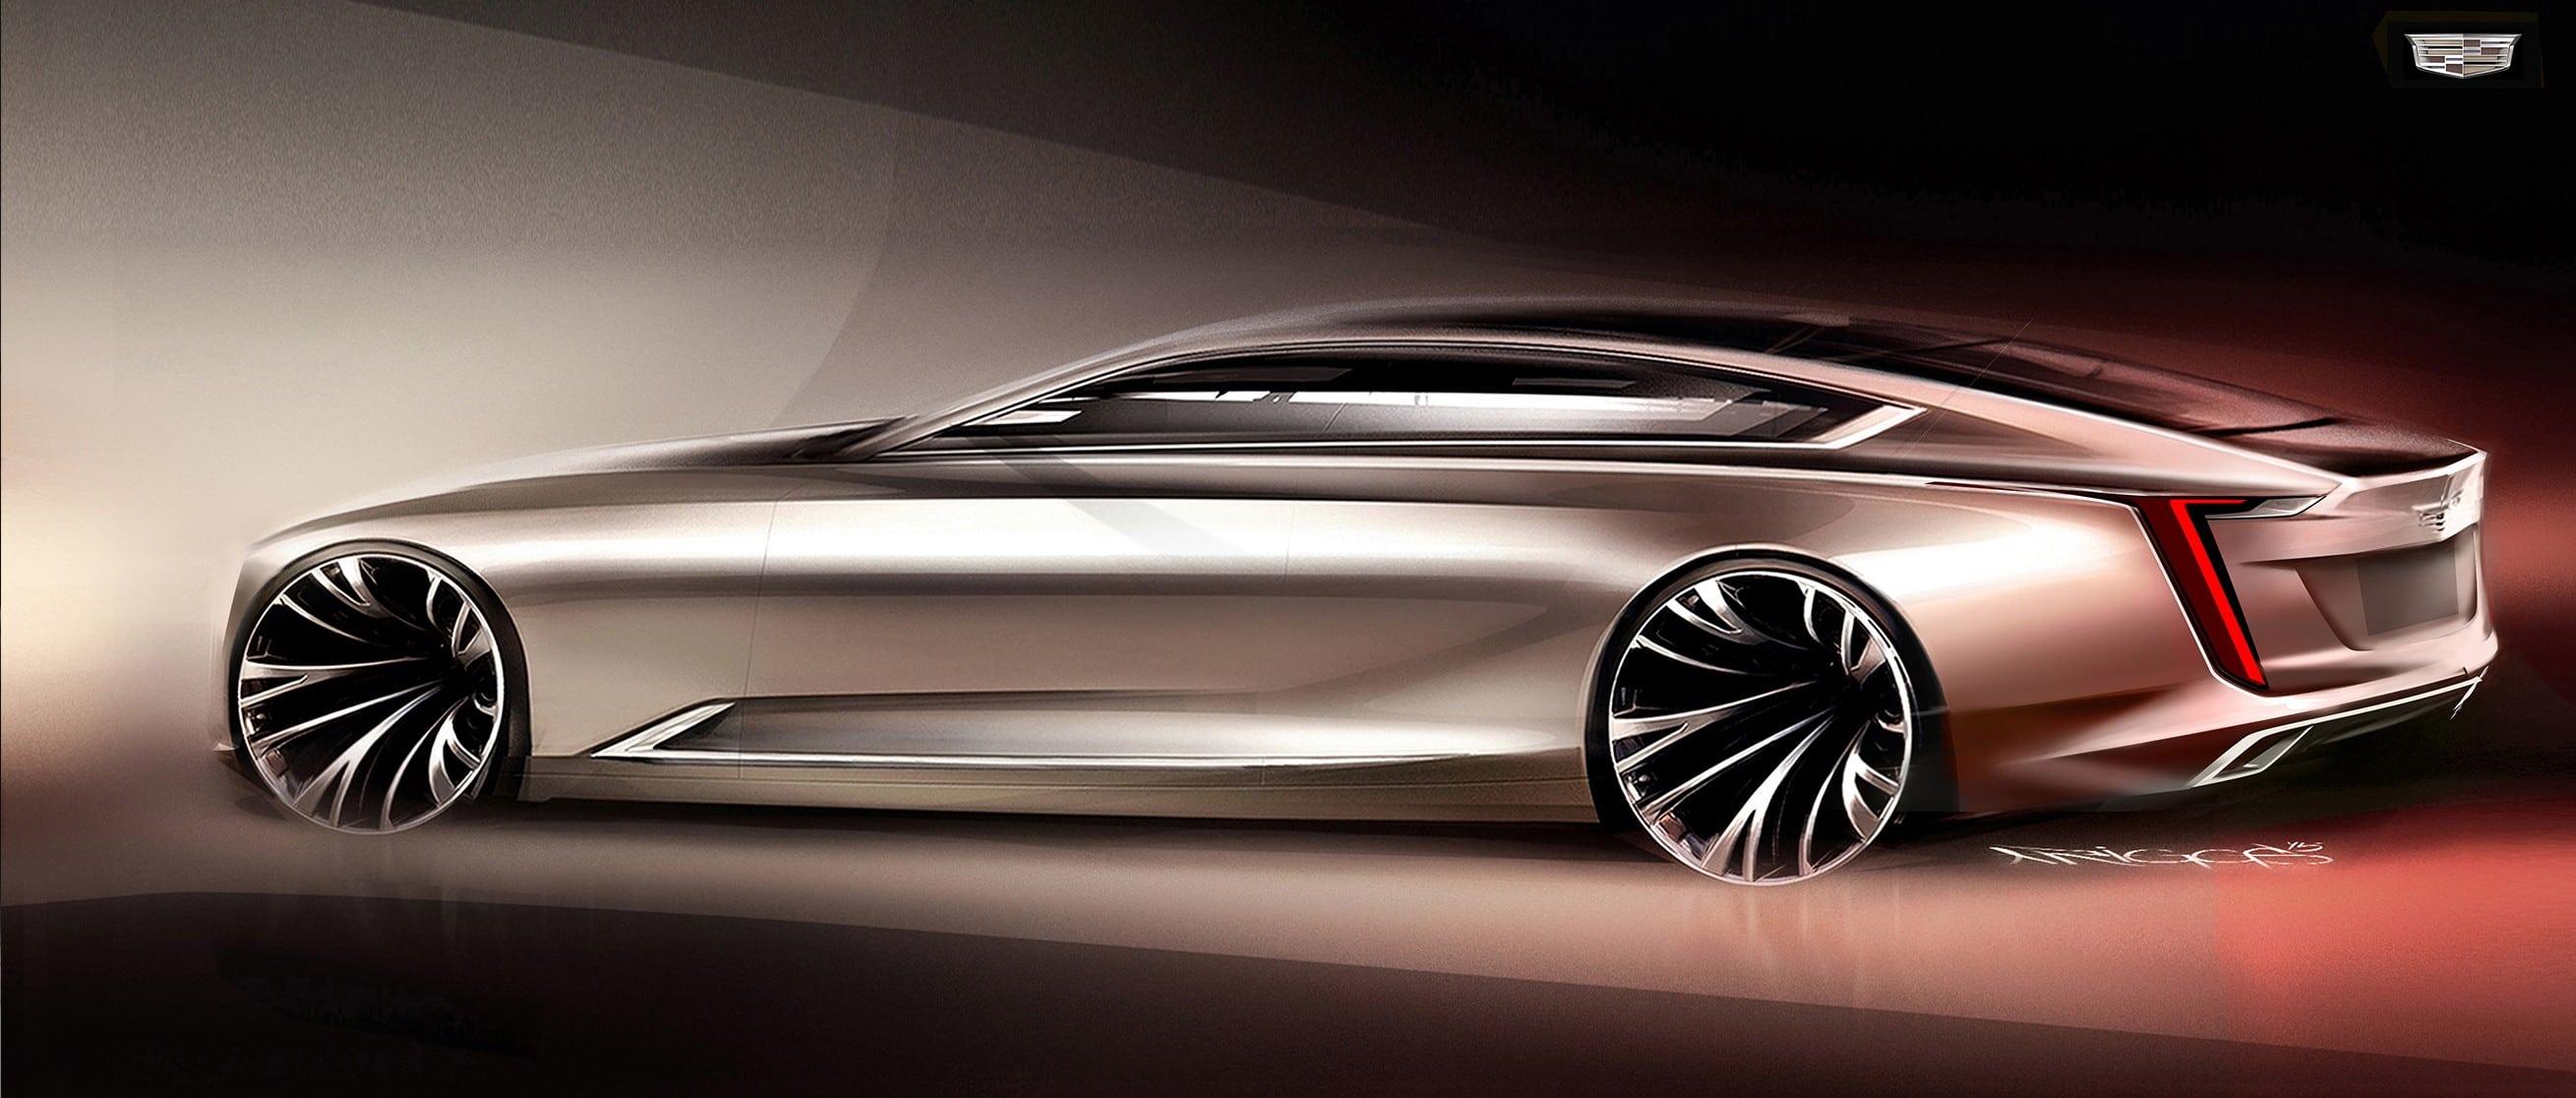 2020 Cadillac Escalade Powertrain